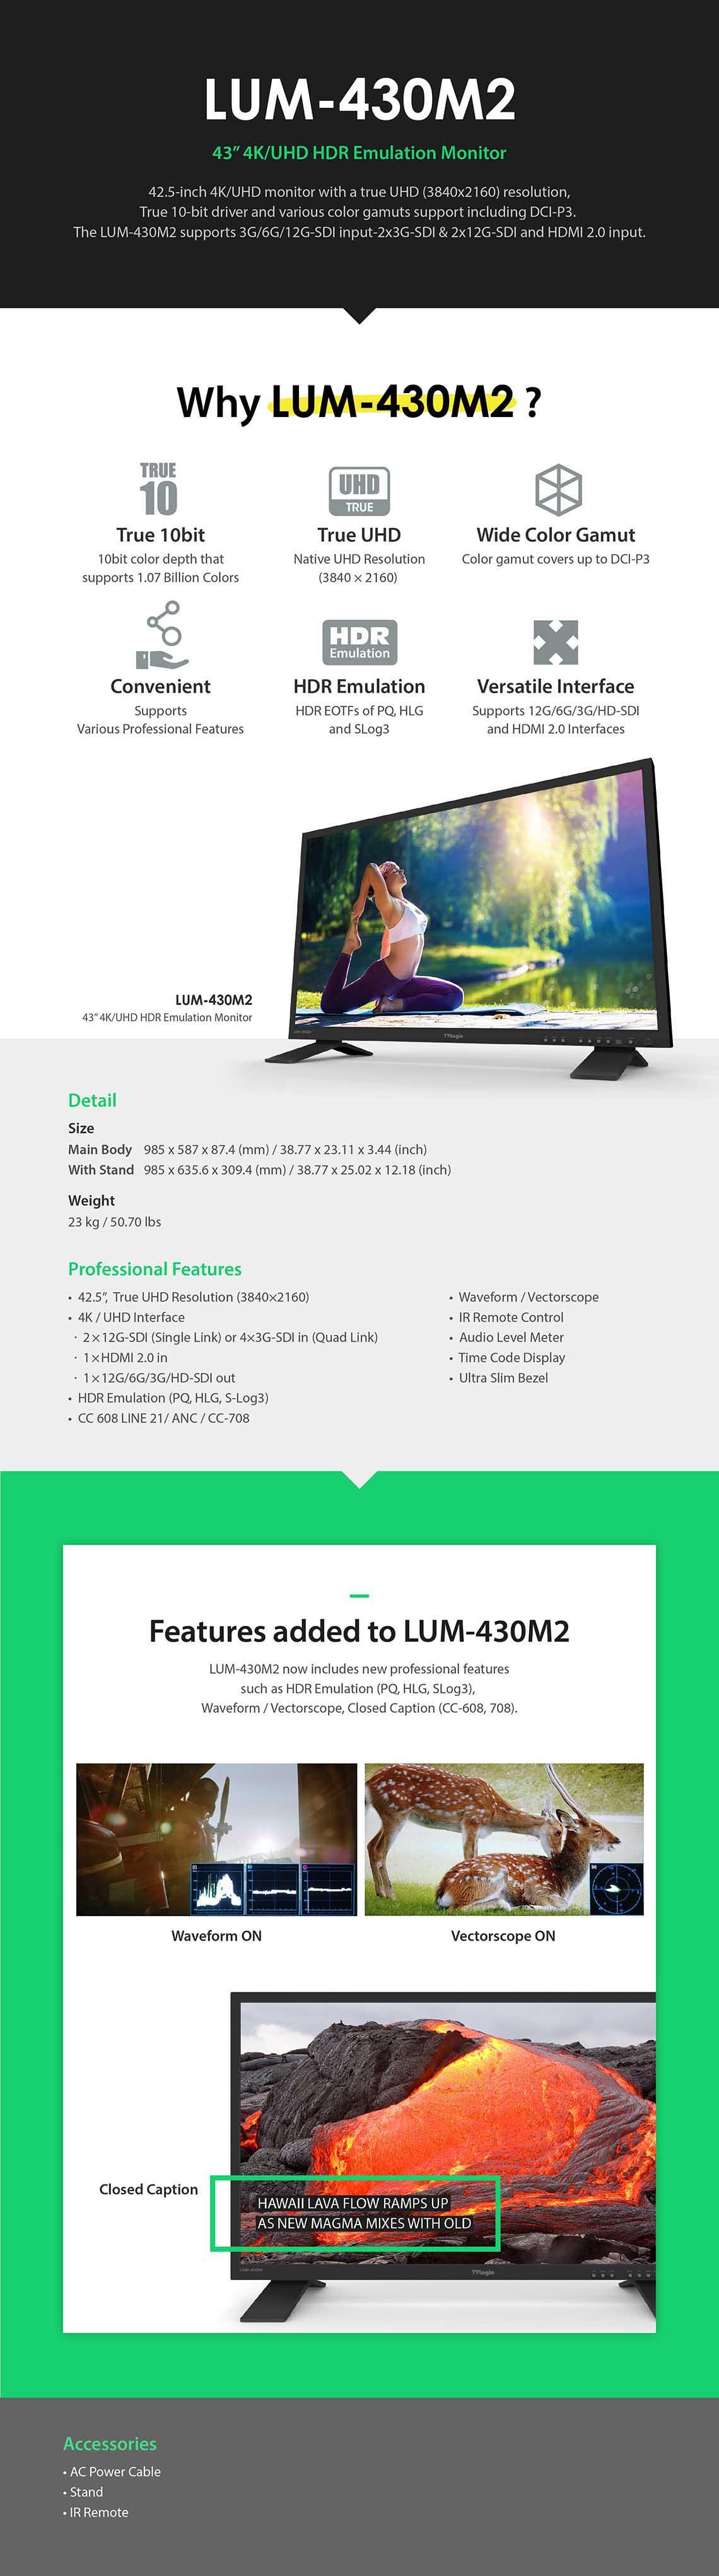 LUM-430M2